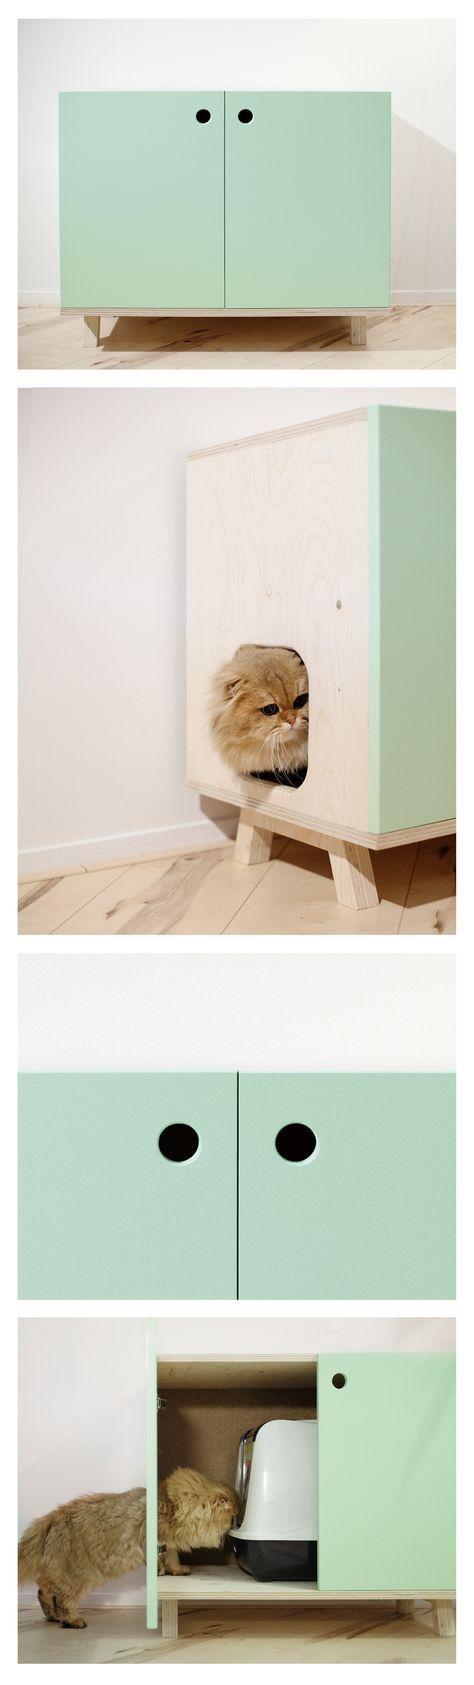 lettiera nel mobile per gatti